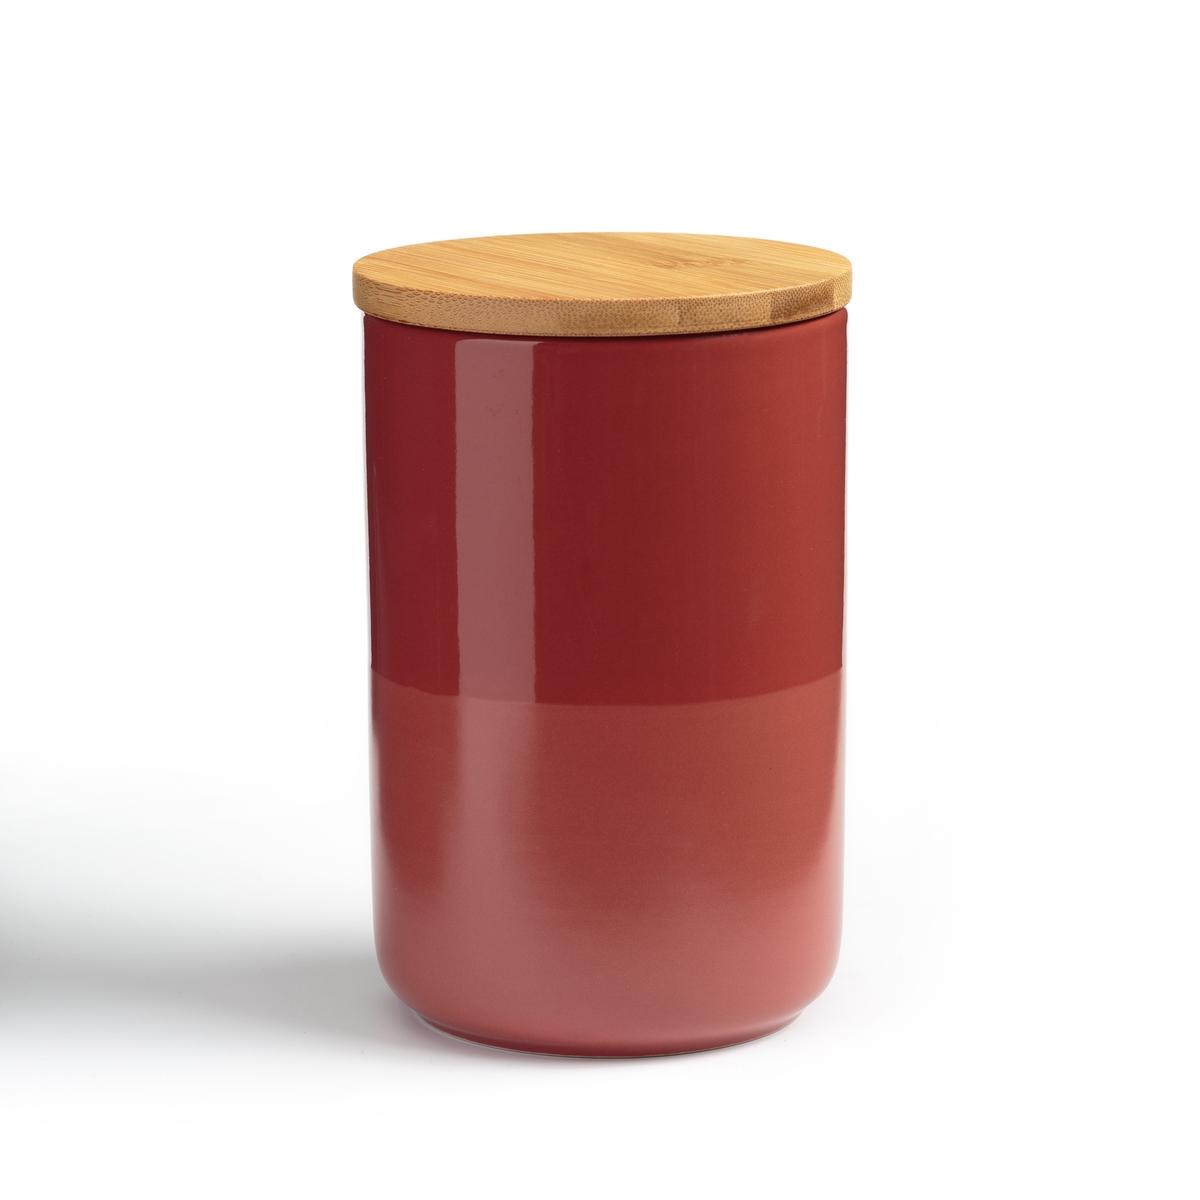 Горшок LaRedoute Большой для хранения TERBLA единый размер красный